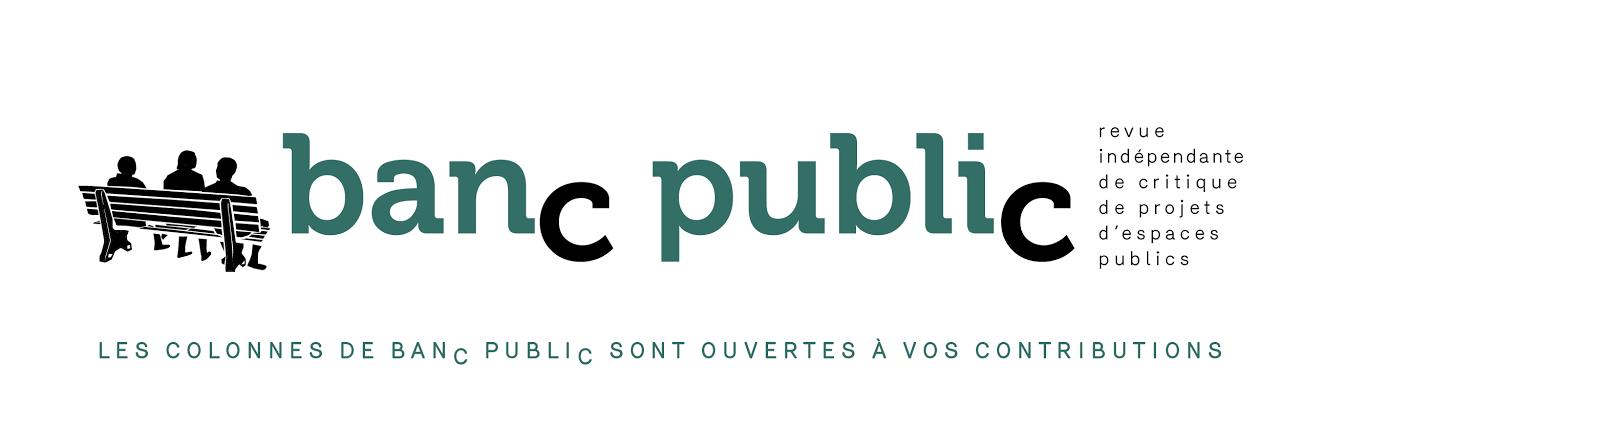 revue banC publiC